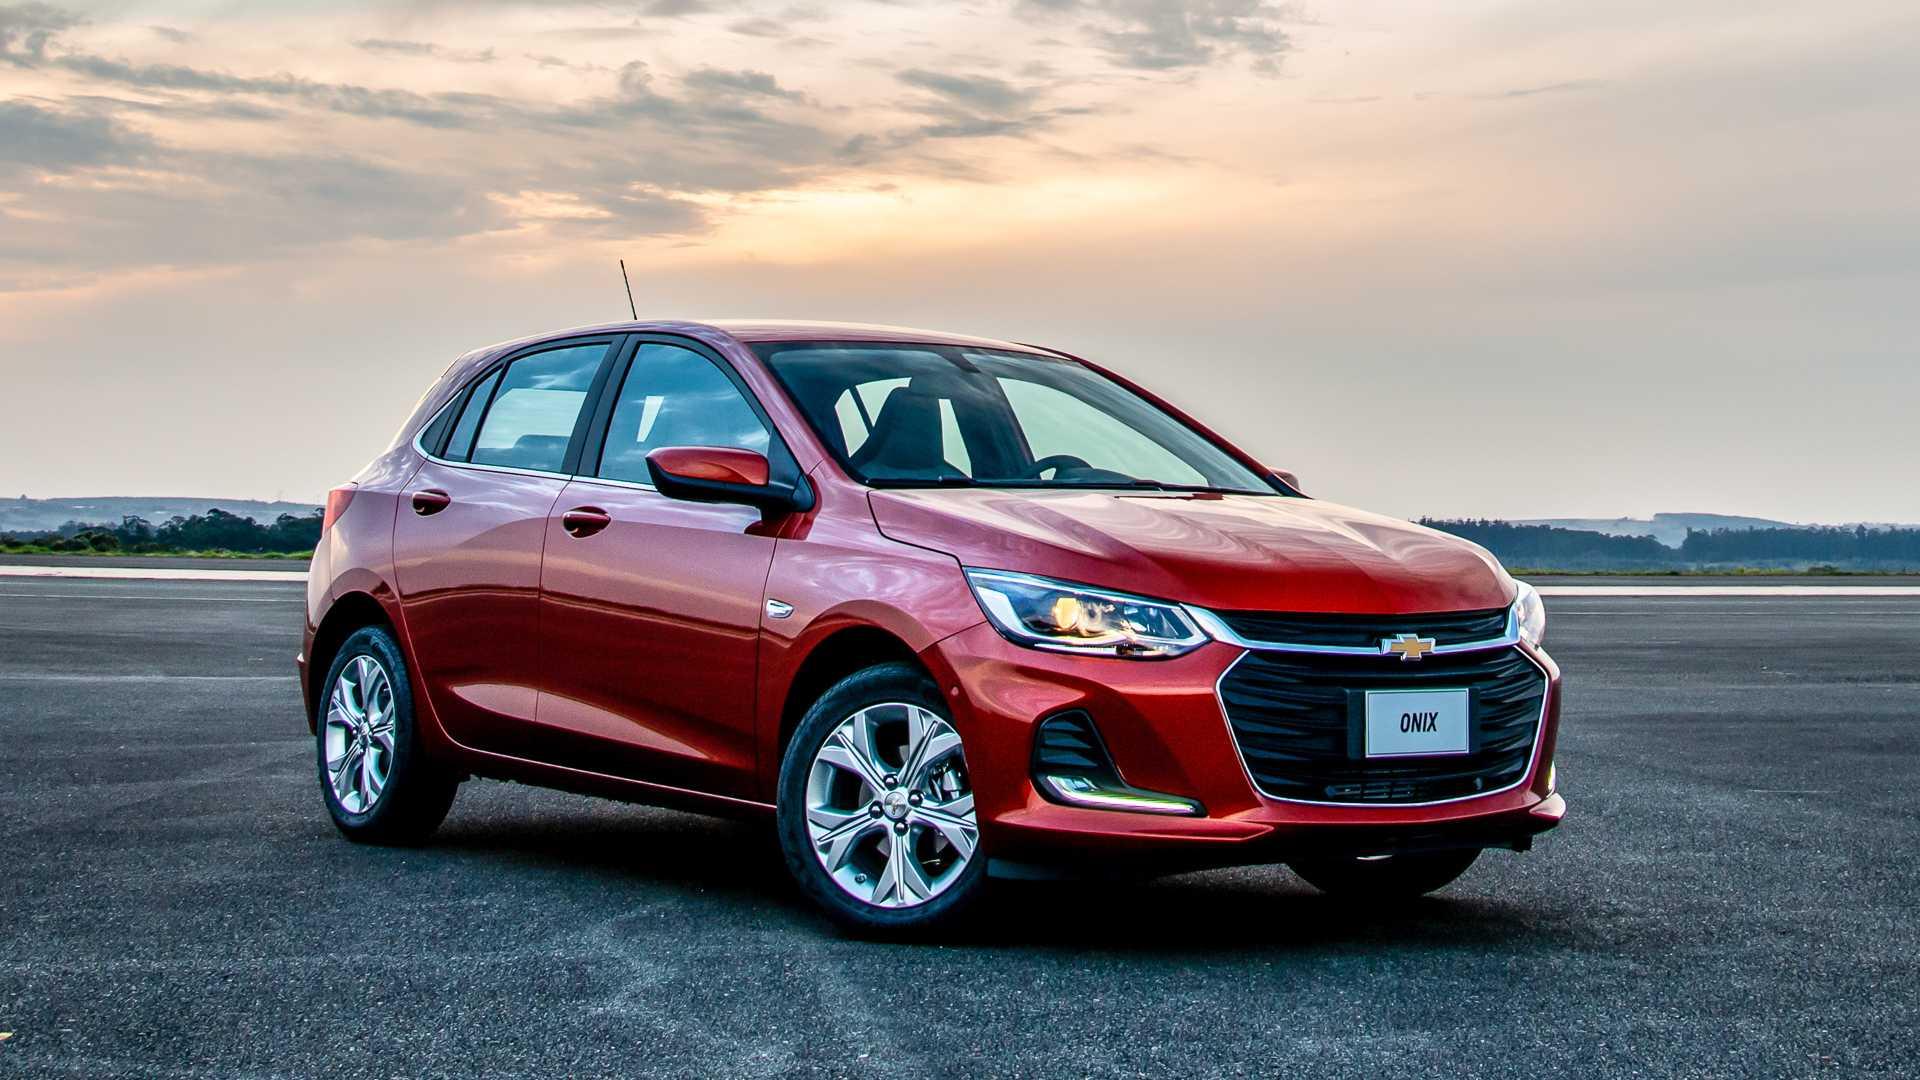 Carro Chevrolet Onix Hatch ilustrando o texto Descubra os 10 carros mais econômicos do Brasil em 2020